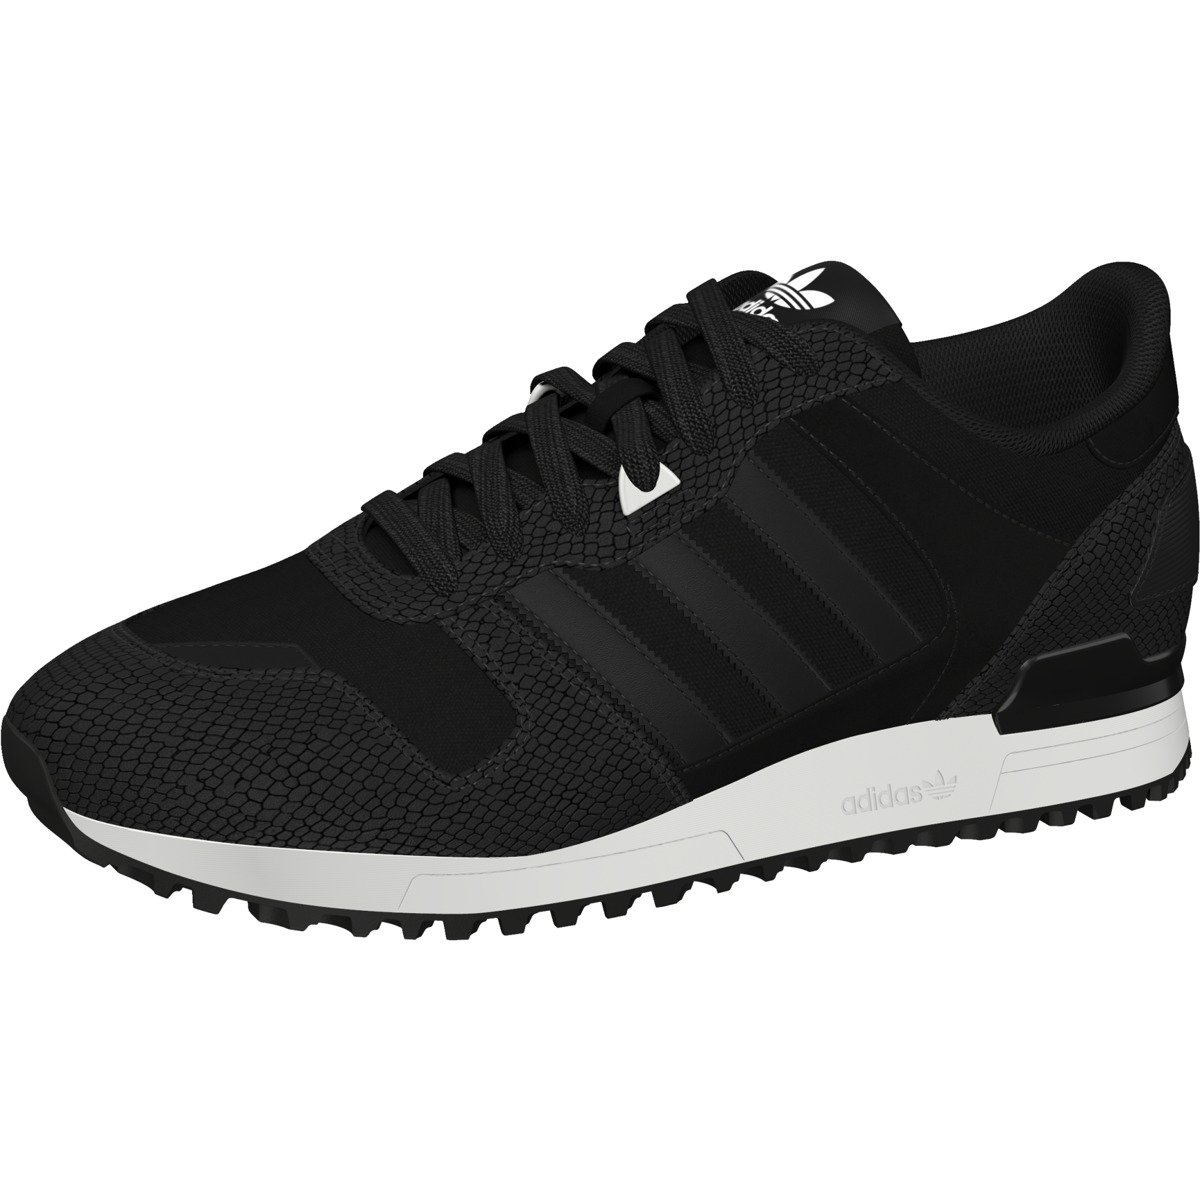 adidas buty zx 700